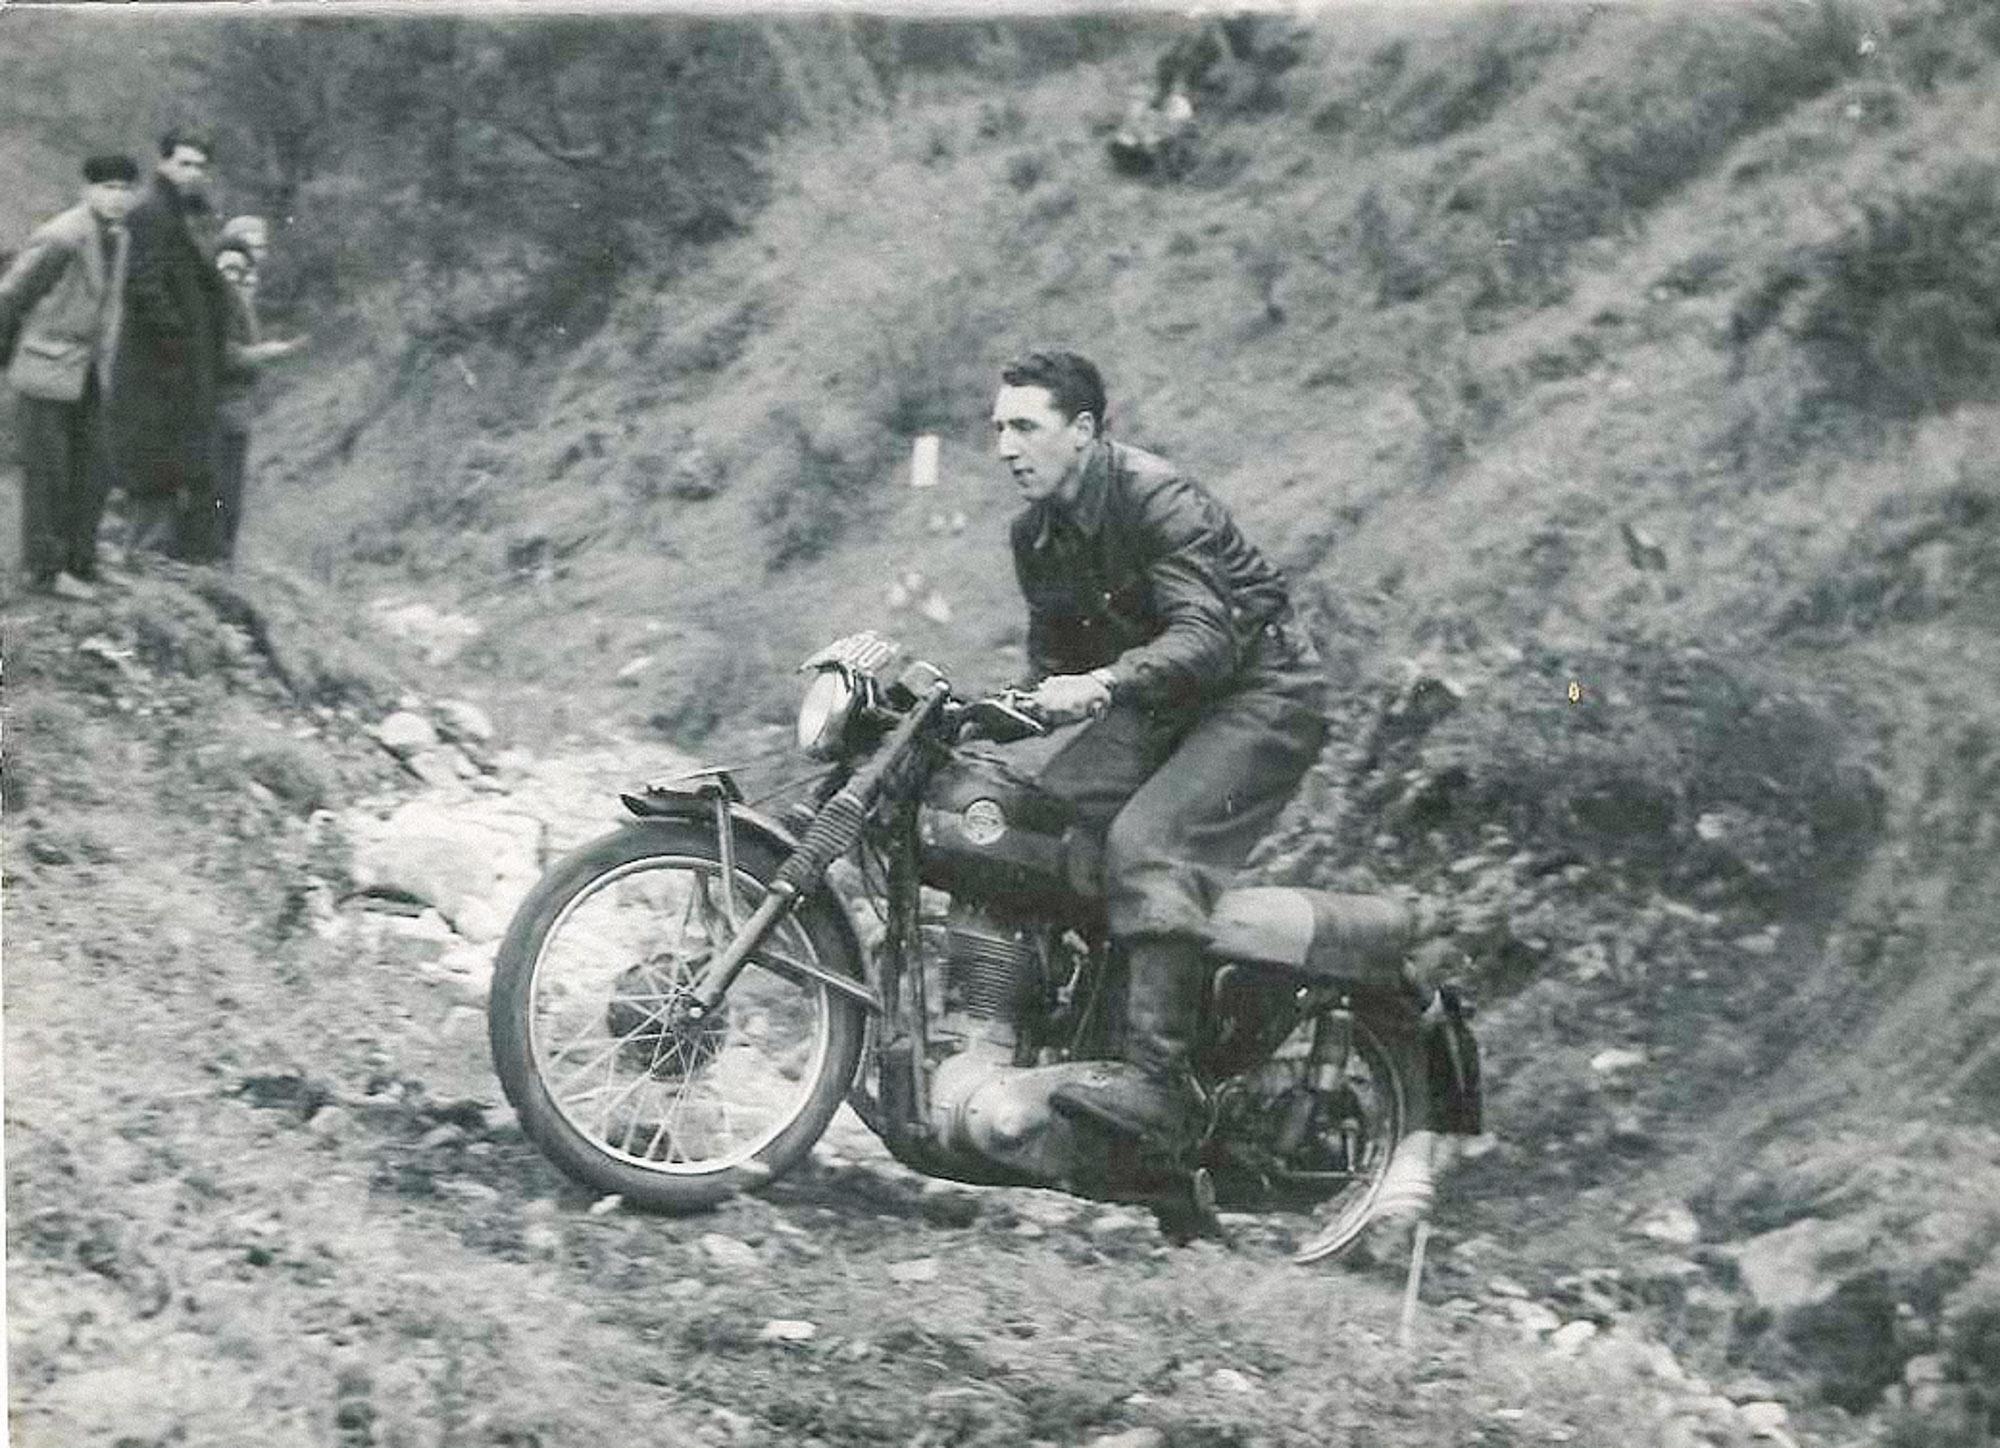 Einer der ersten Bewerbe in den 1950ern, die Opa Ernst bestritt.